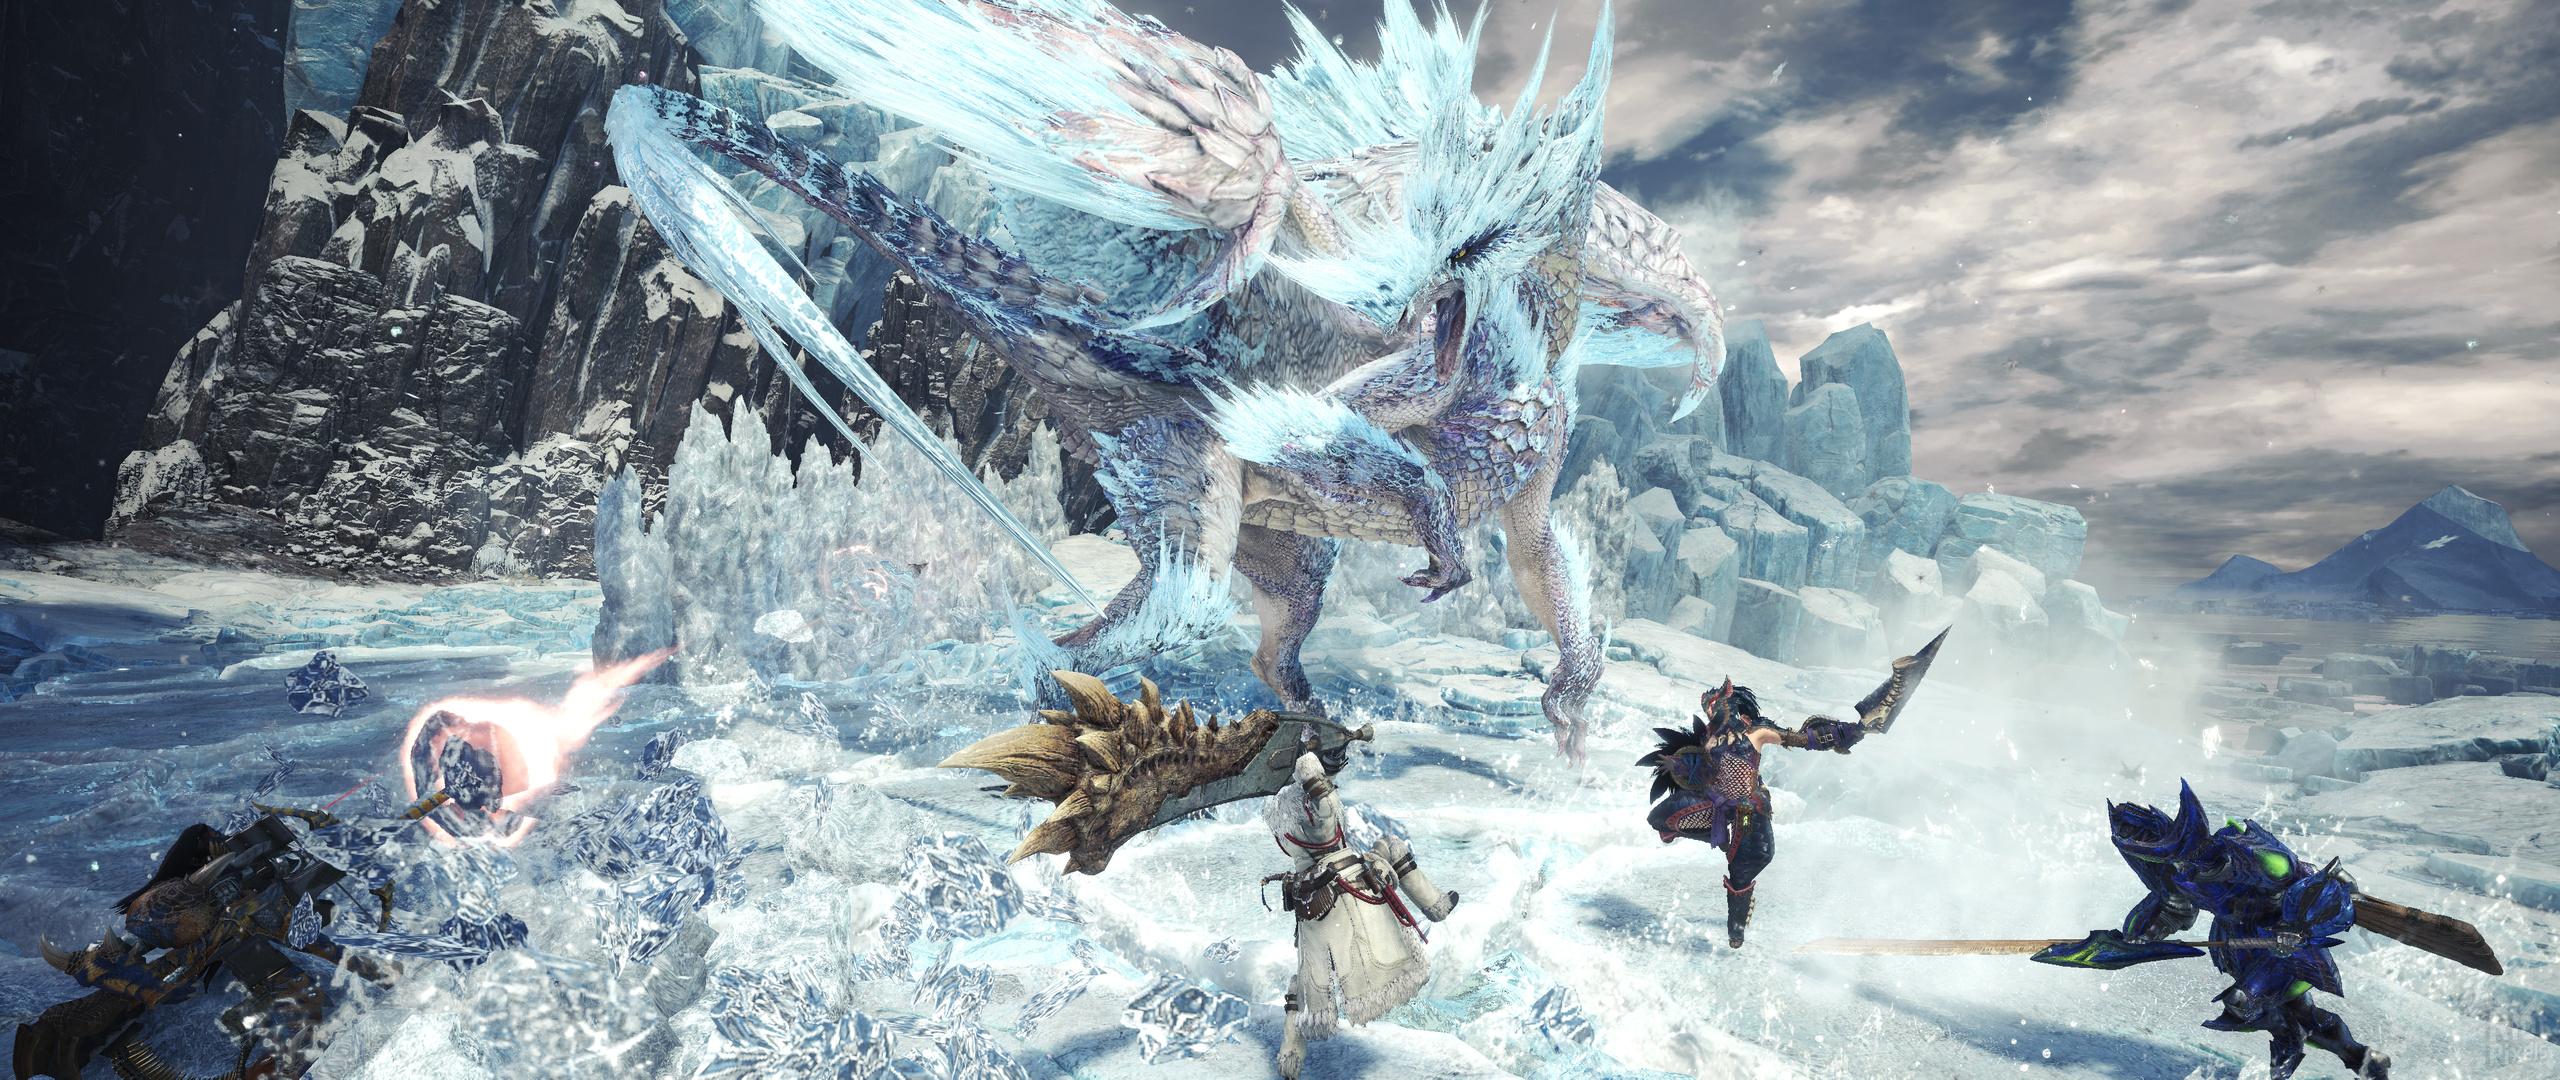 screenshot.monster-hunter-world-iceborne.2560x1080.2019-10-26.97.jpg